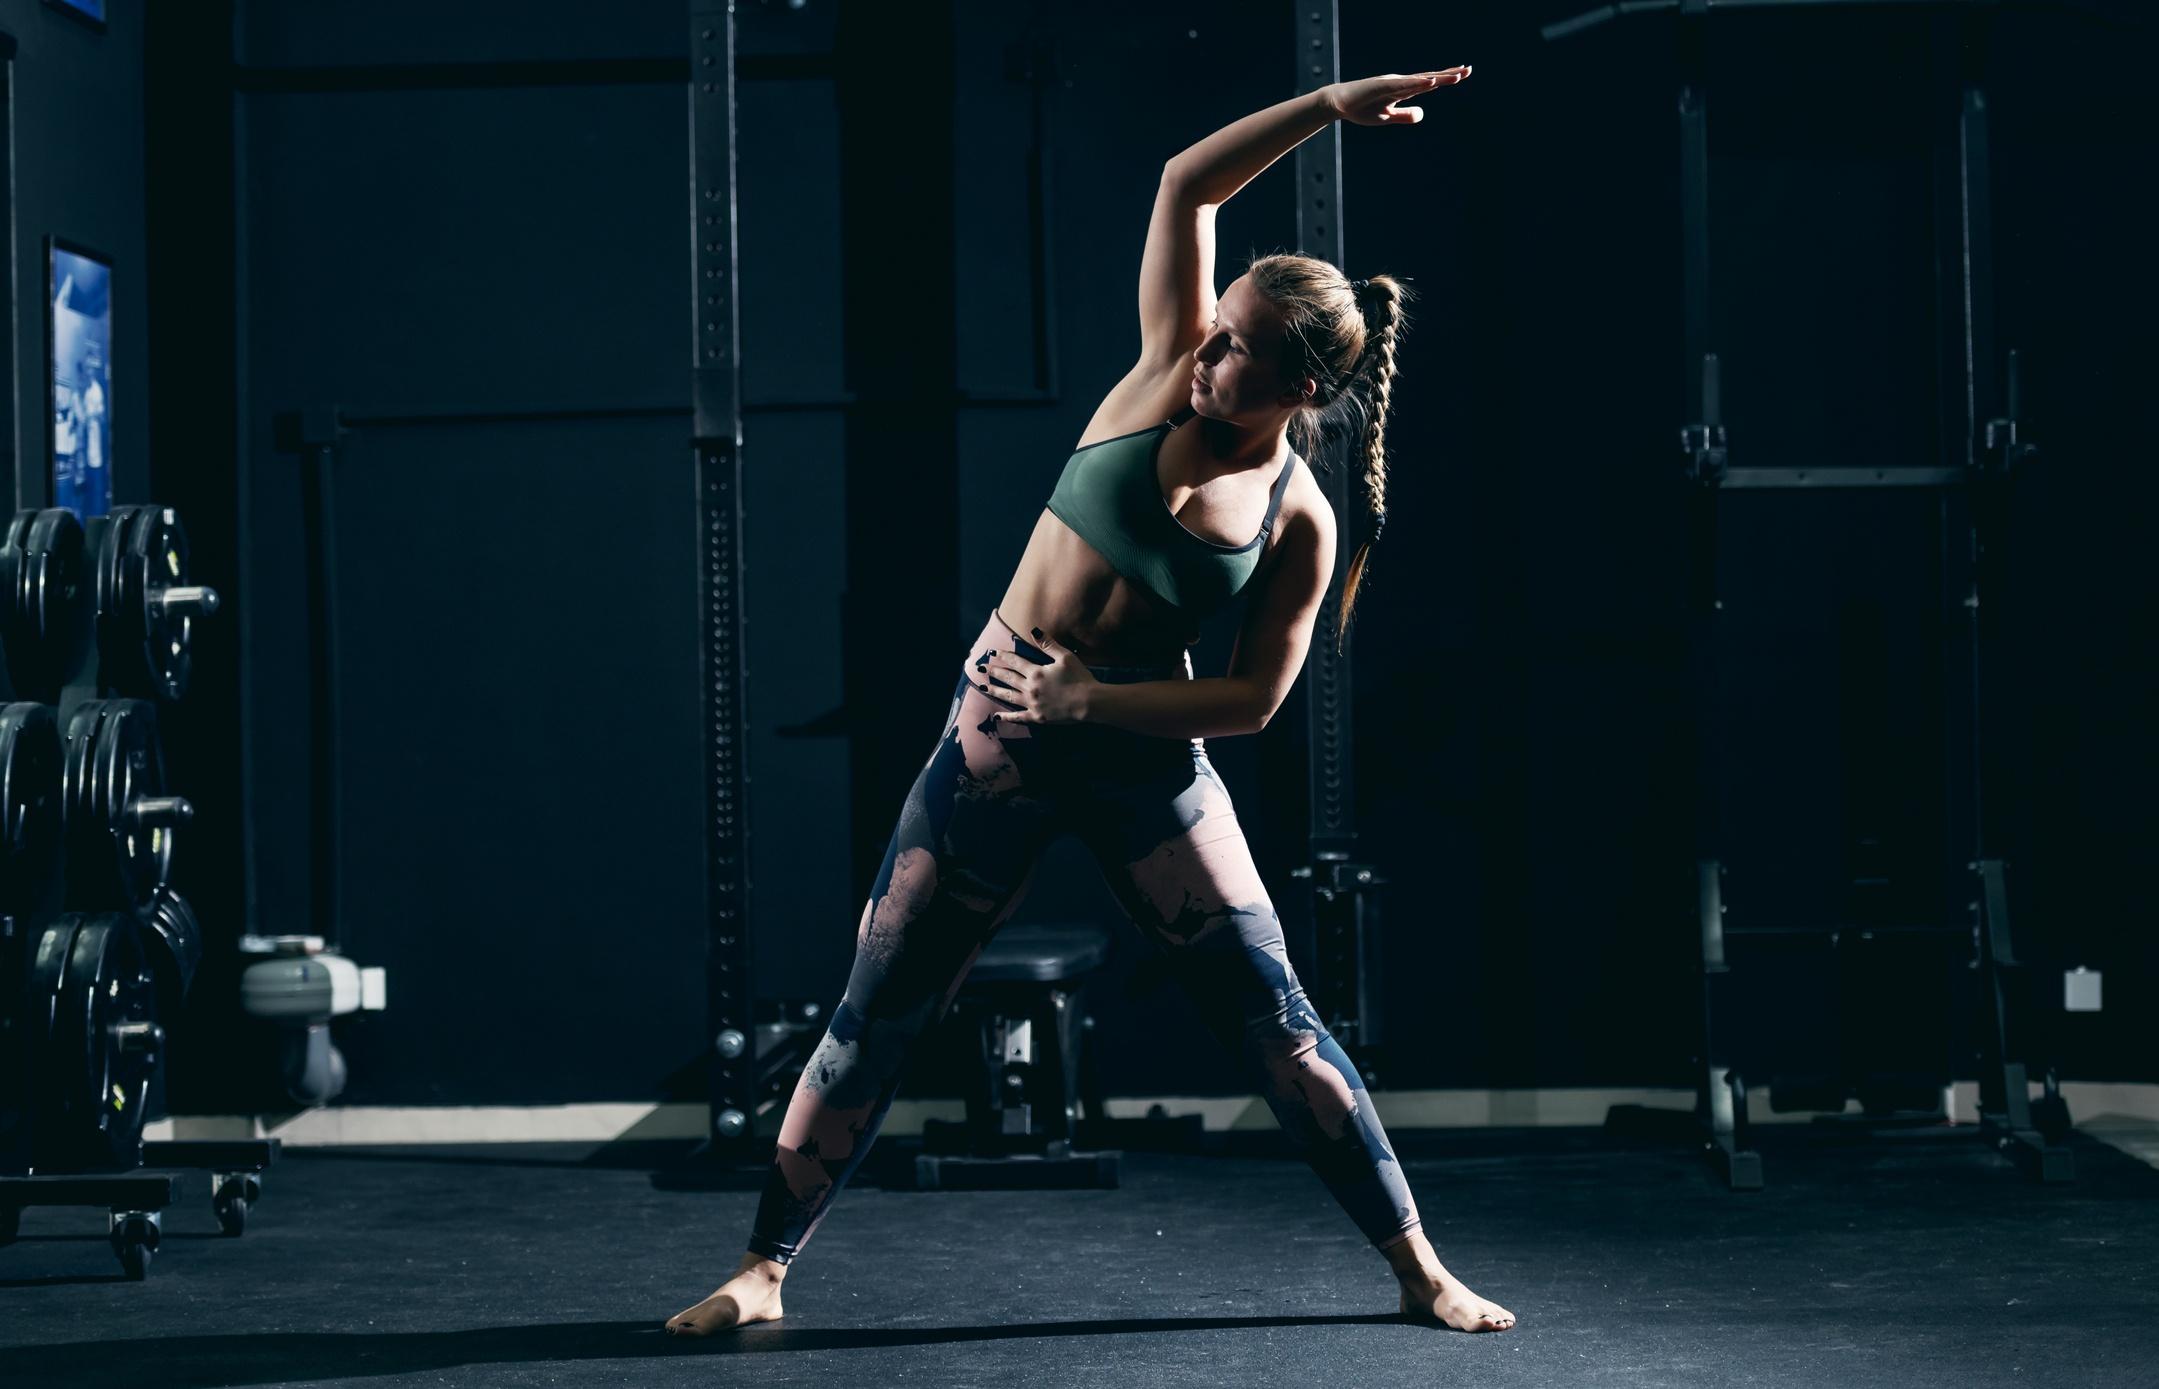 Read more about the article O czym pamiętać w trakcie treningu, by nie uszkodzić stawów i kręgosłupa w trakcie ćwiczeń?